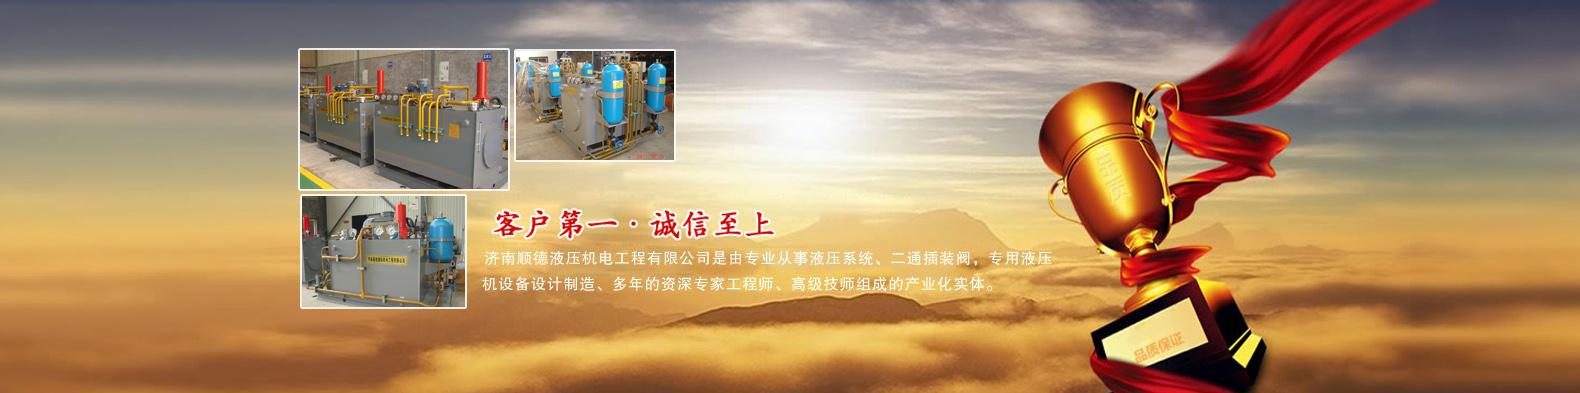 快锻压机系统,彩钢板生产线液压系统